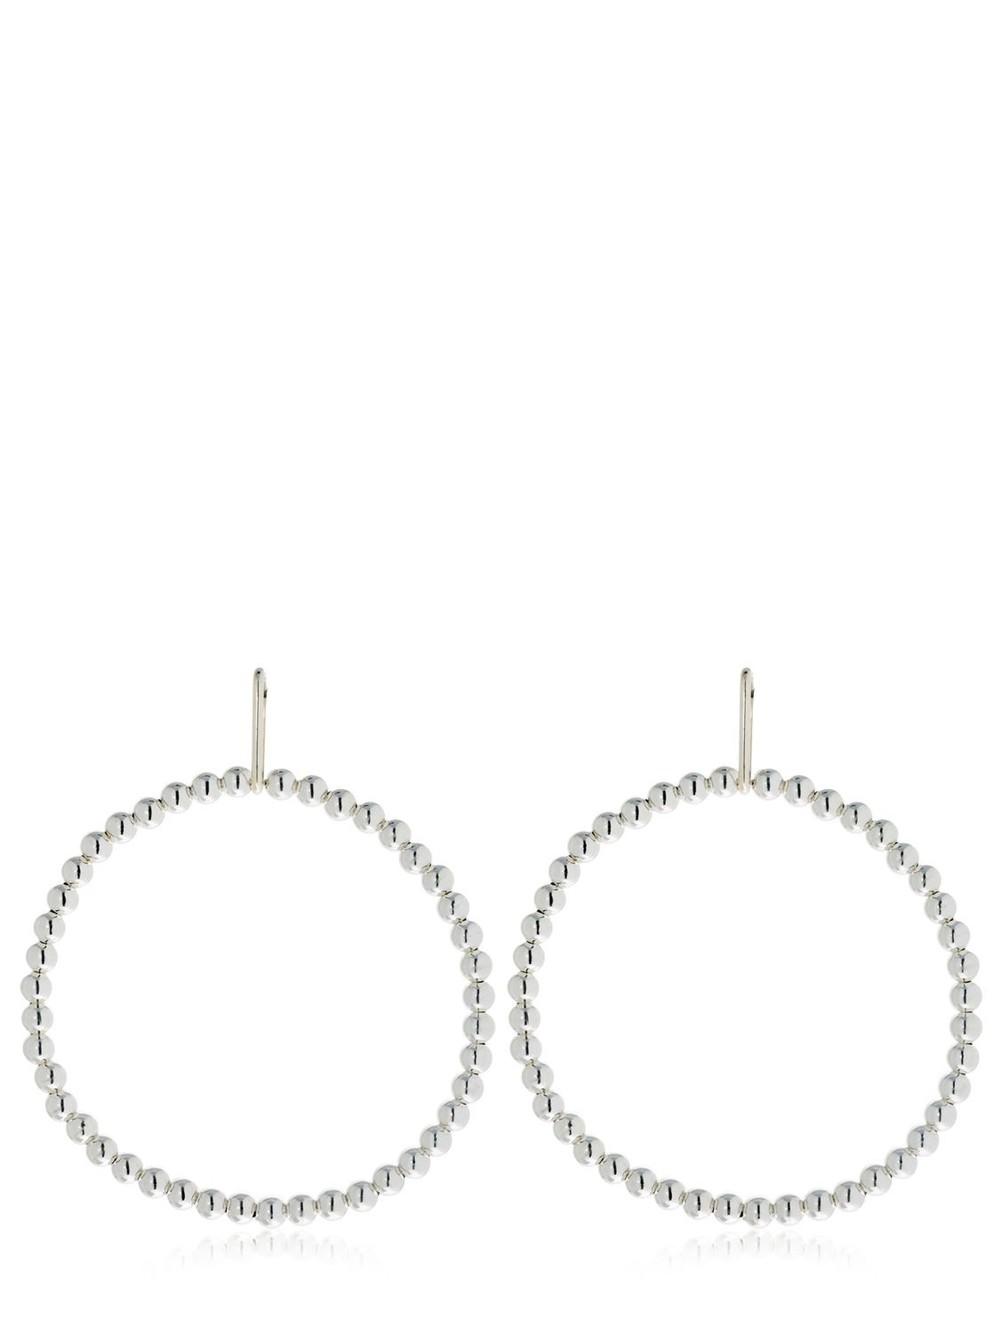 SASKIA DIEZ Liquid Hoop Earrings in silver